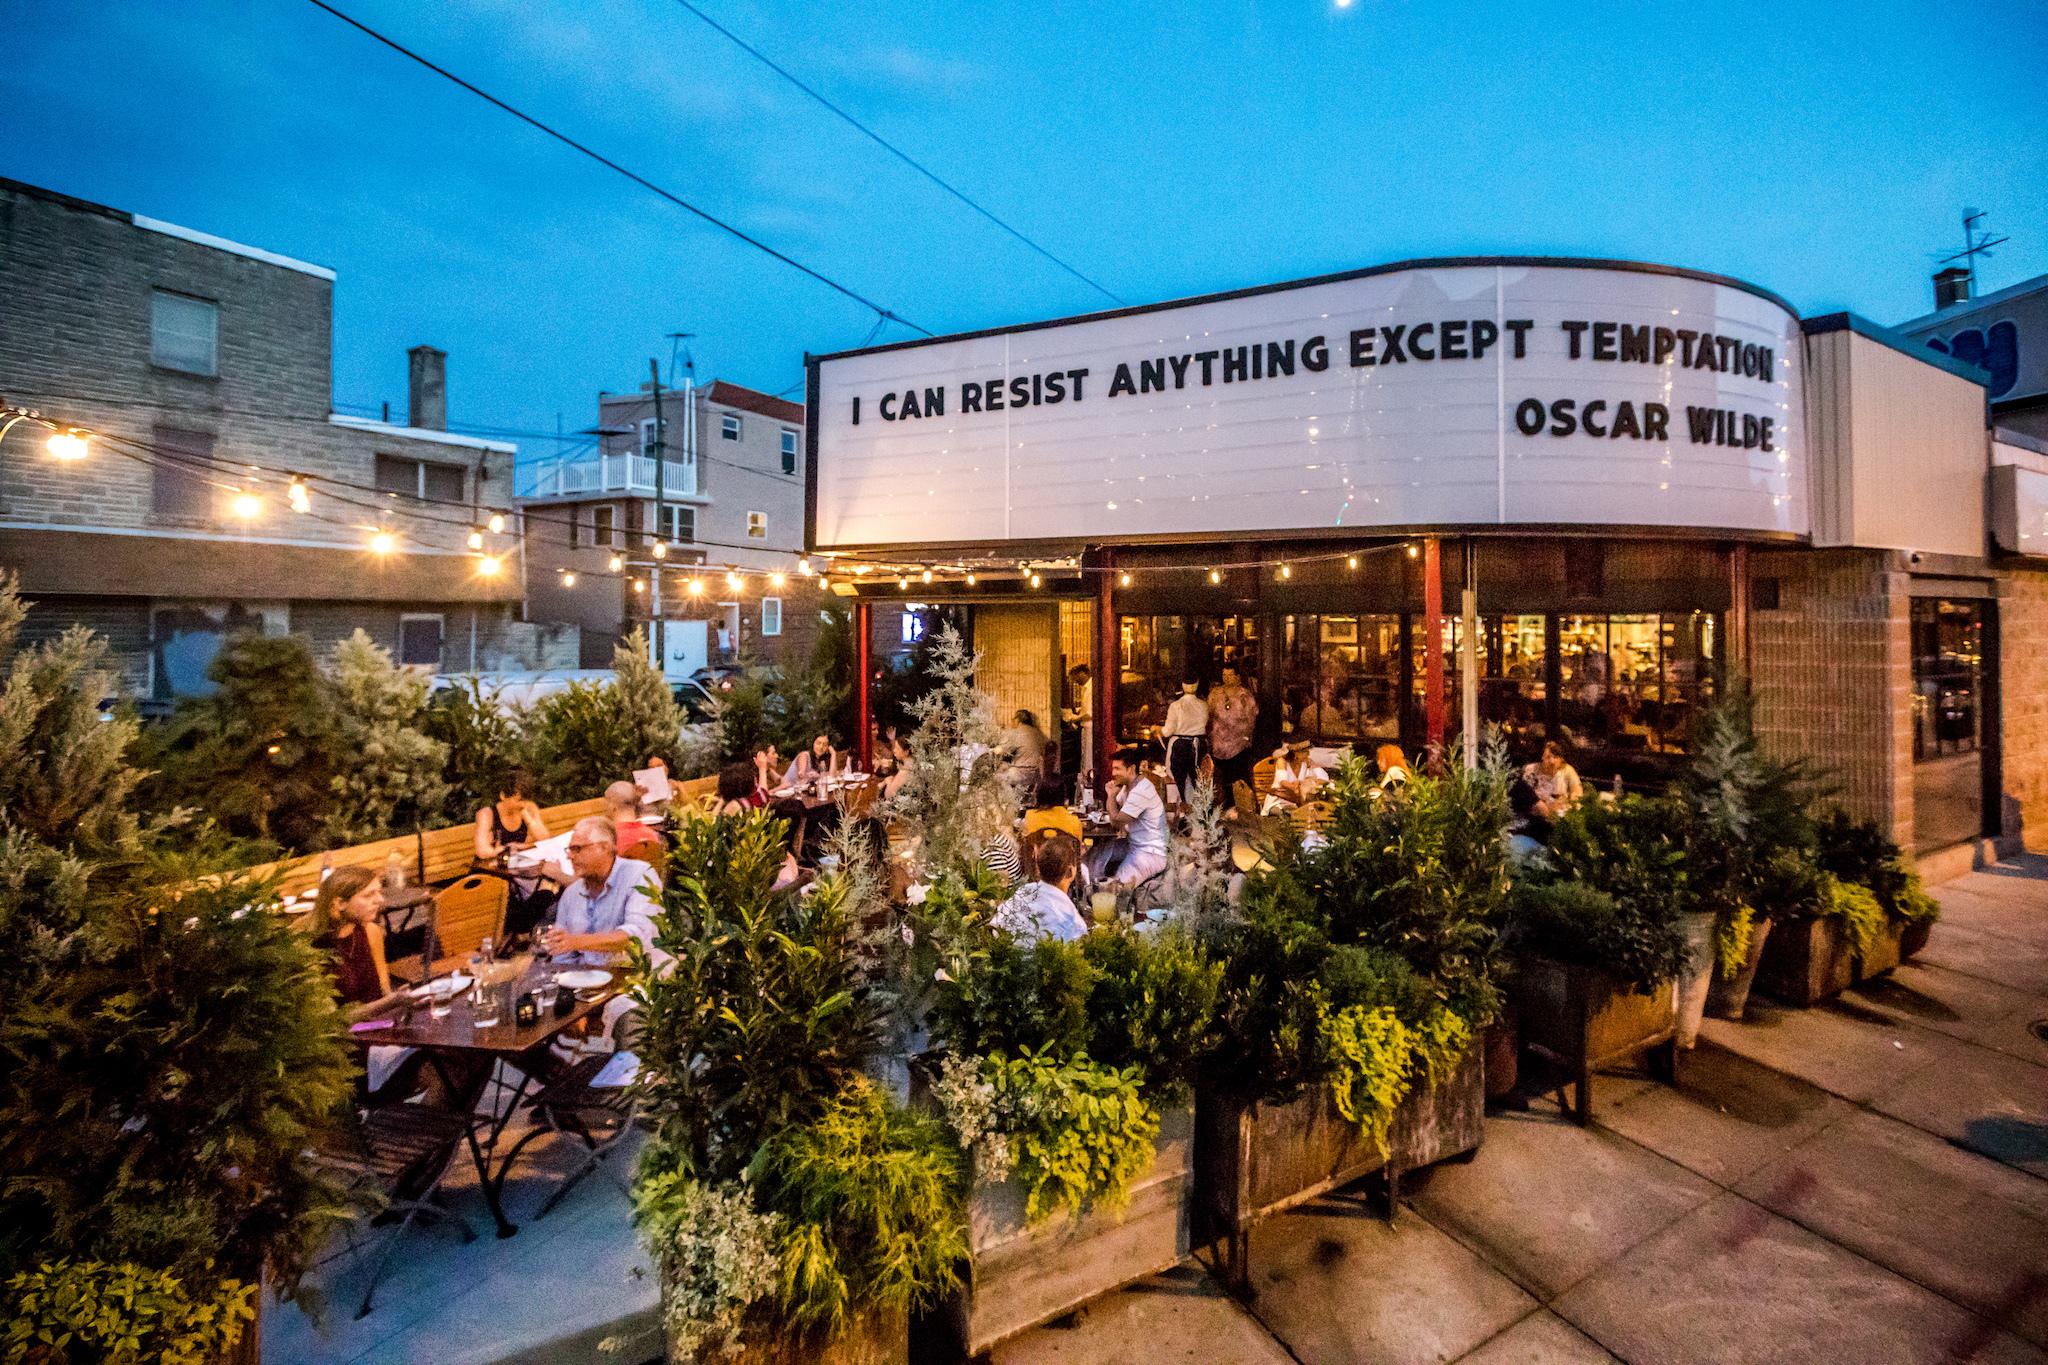 Barcelona Wine Bar Restaurants In East Passyunk Crossing Philadelphia